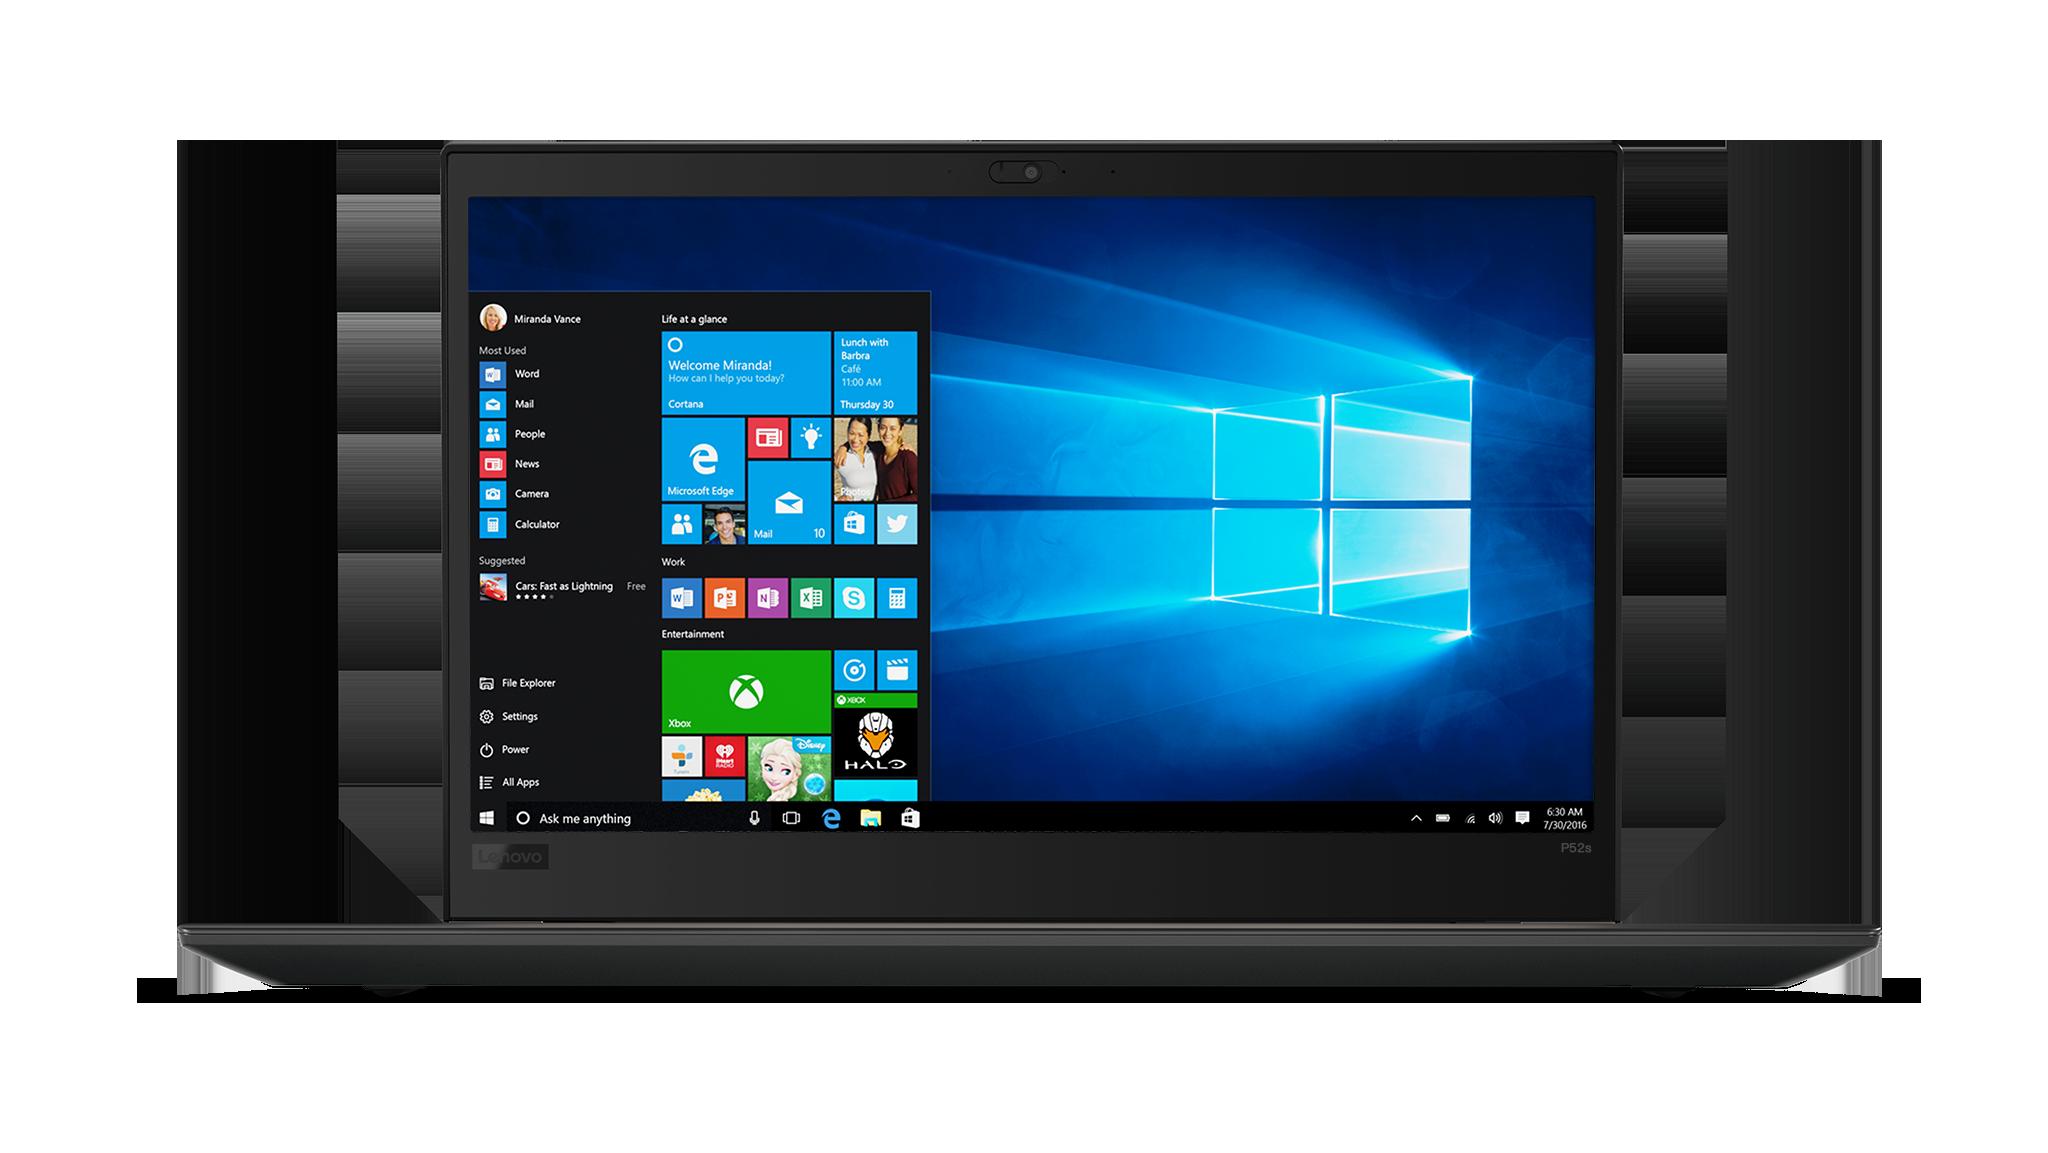 Lenovo Thinkpad P52s 15.6F/i7-8650U/512SSD/16GB/P500 2G GDDR5/F/W10P/černý + monitor X24-20 ZDARMA